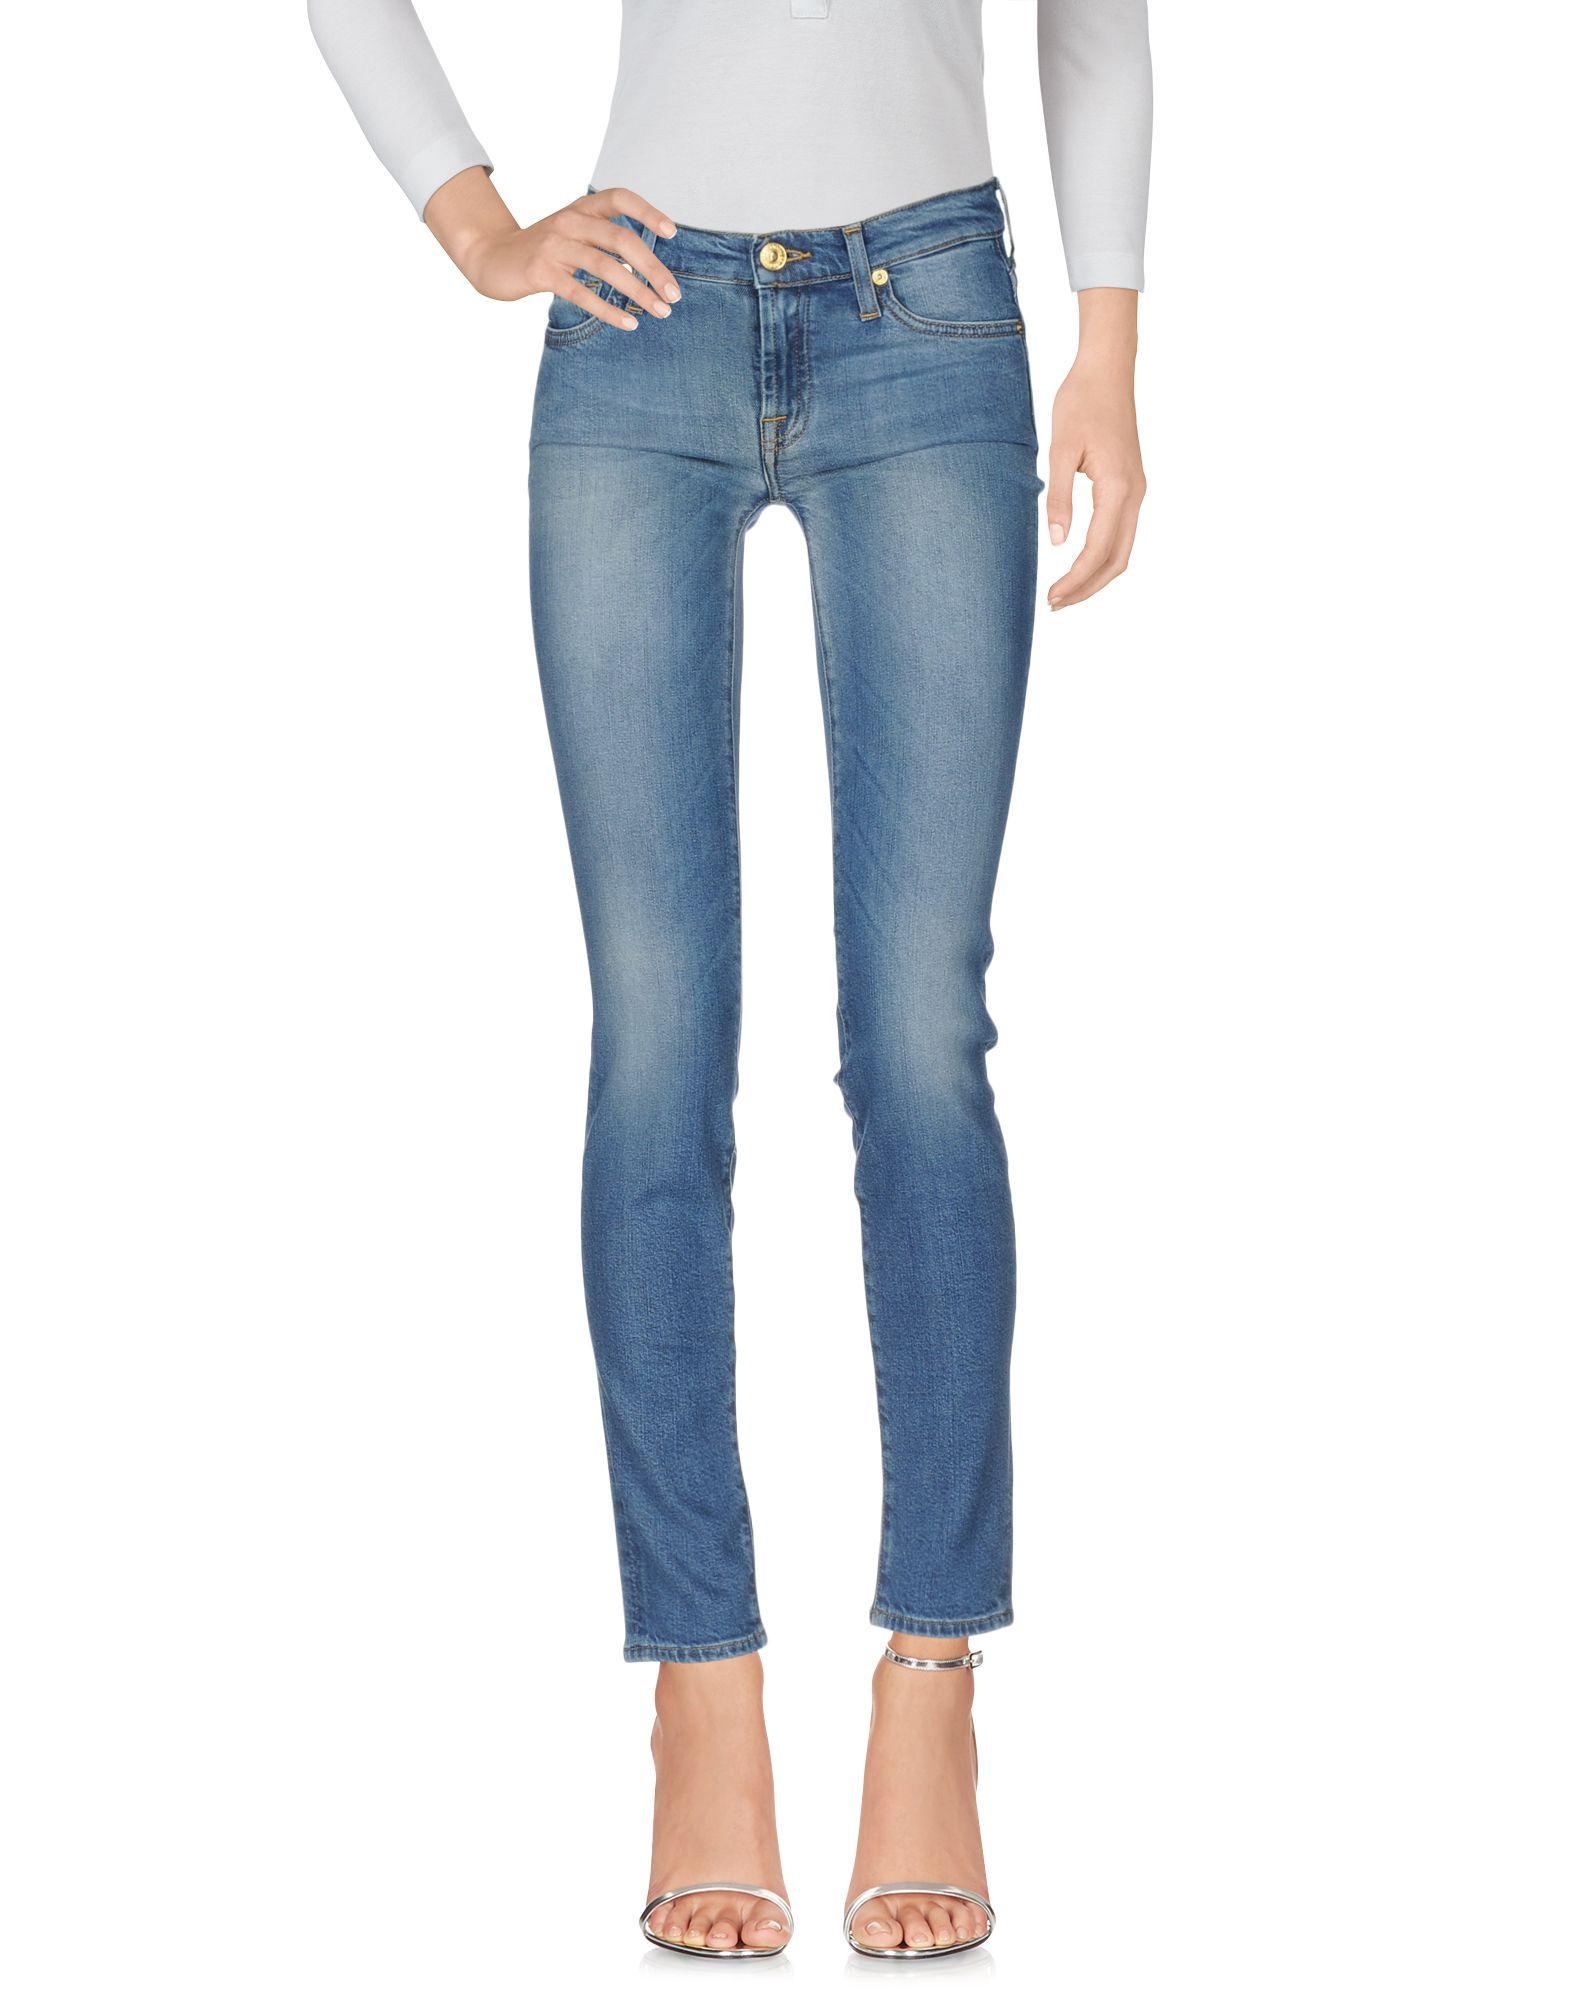 Jeans À Humanité Pantalons 7 Les FemmeAcheter Ligne Tous En Pour dBexoC